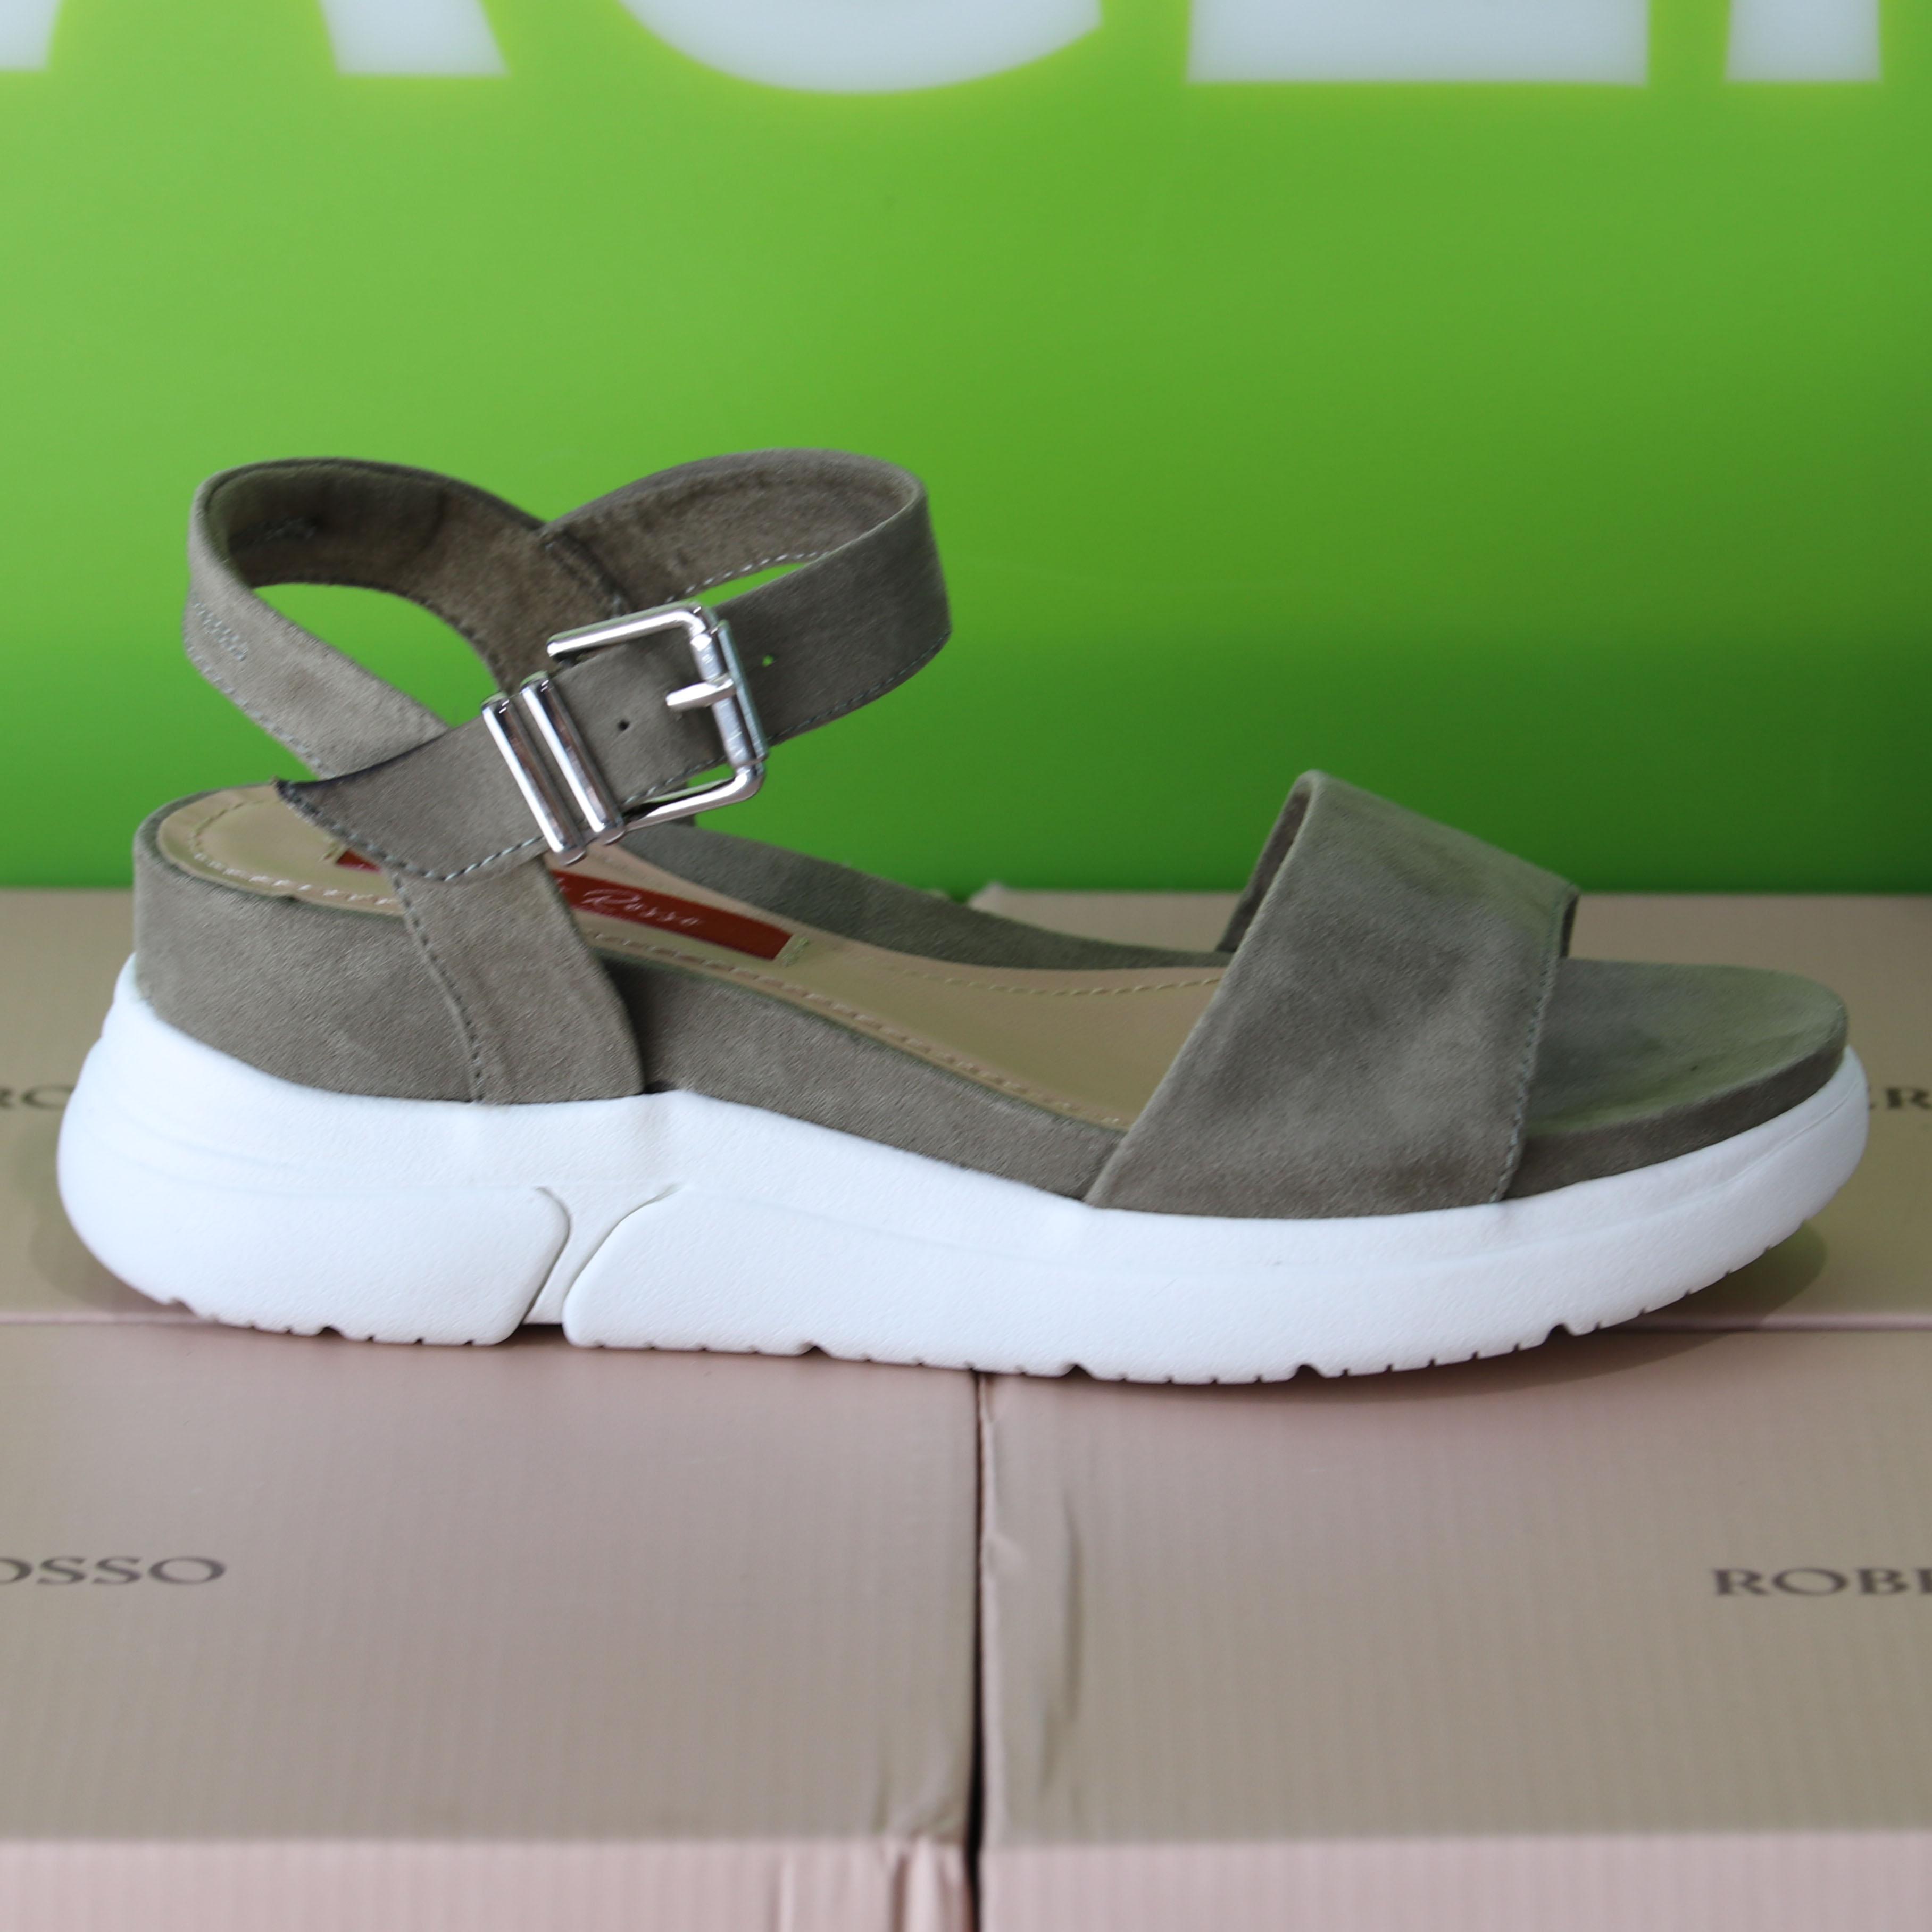 roberto rosso – akkira green sandal grønn sommer dame4